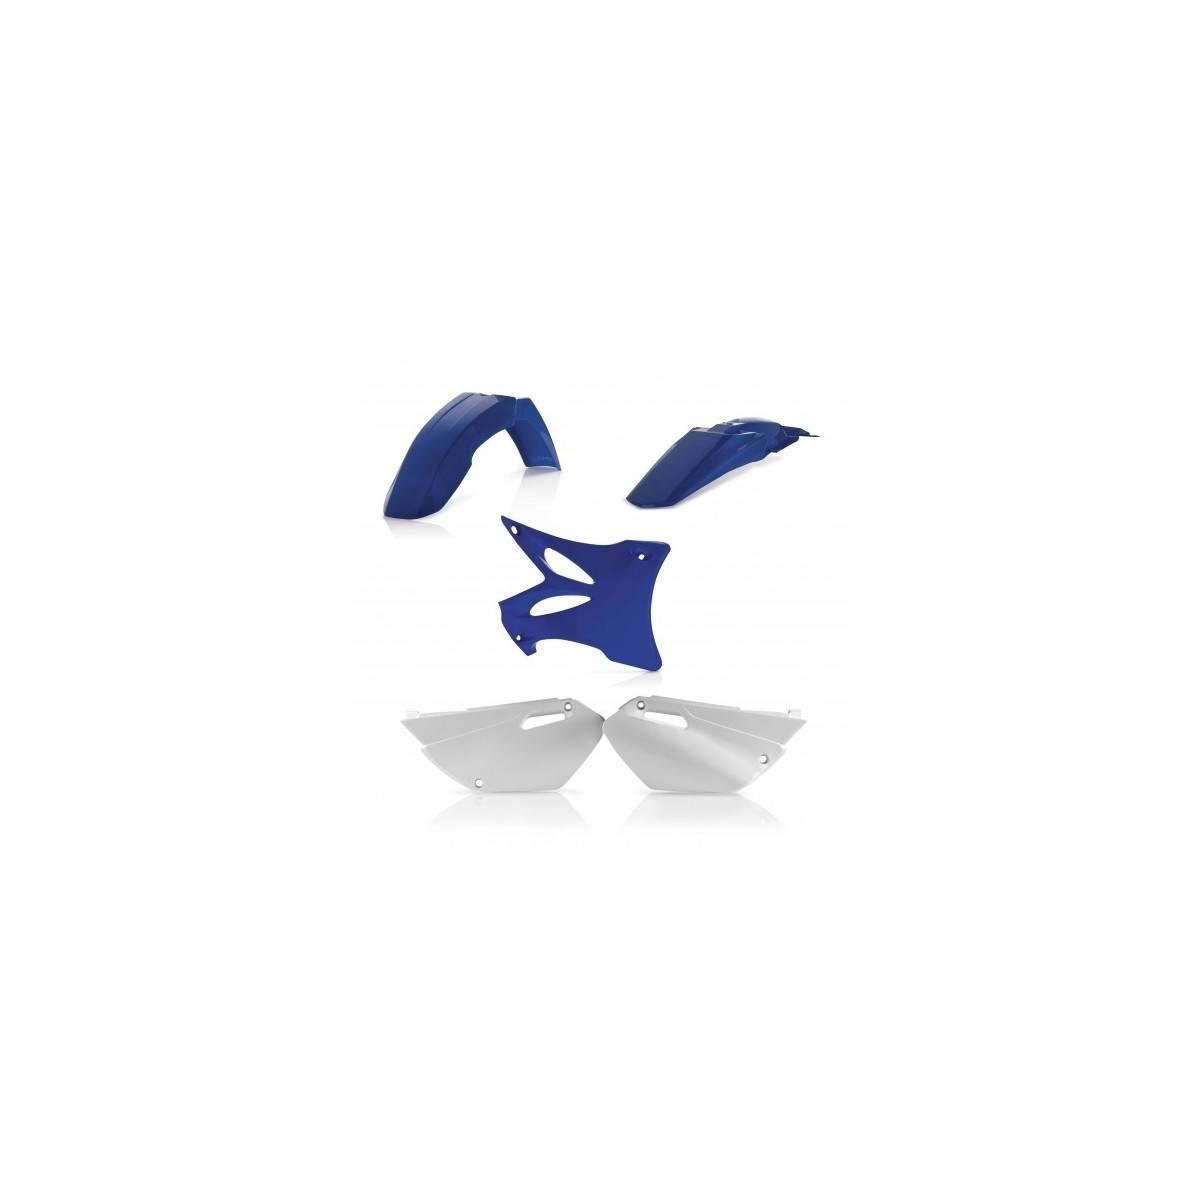 0007519-040 - Kit Plasticos Yzf 250 Yzf 450 03 05 Azul